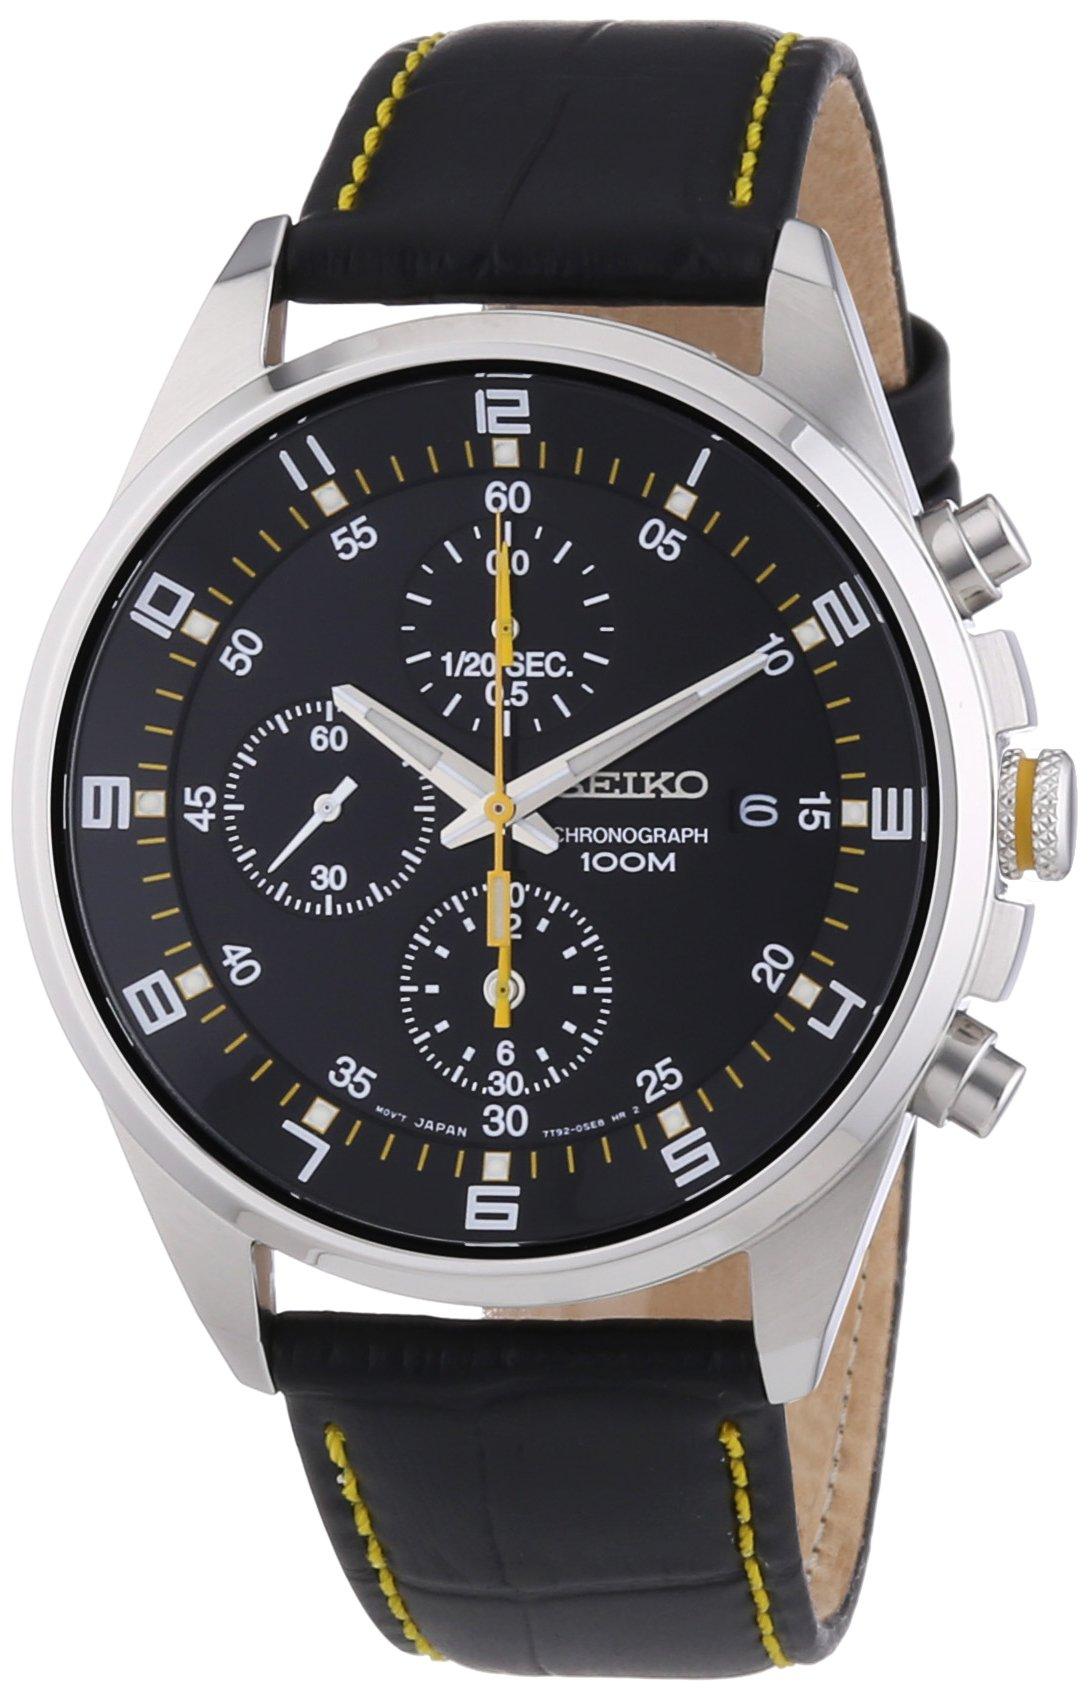 Seiko - SNDC89P2 - Men's Watch - Quartz Chronograph - Black Dial - Black Leather Strap by Seiko